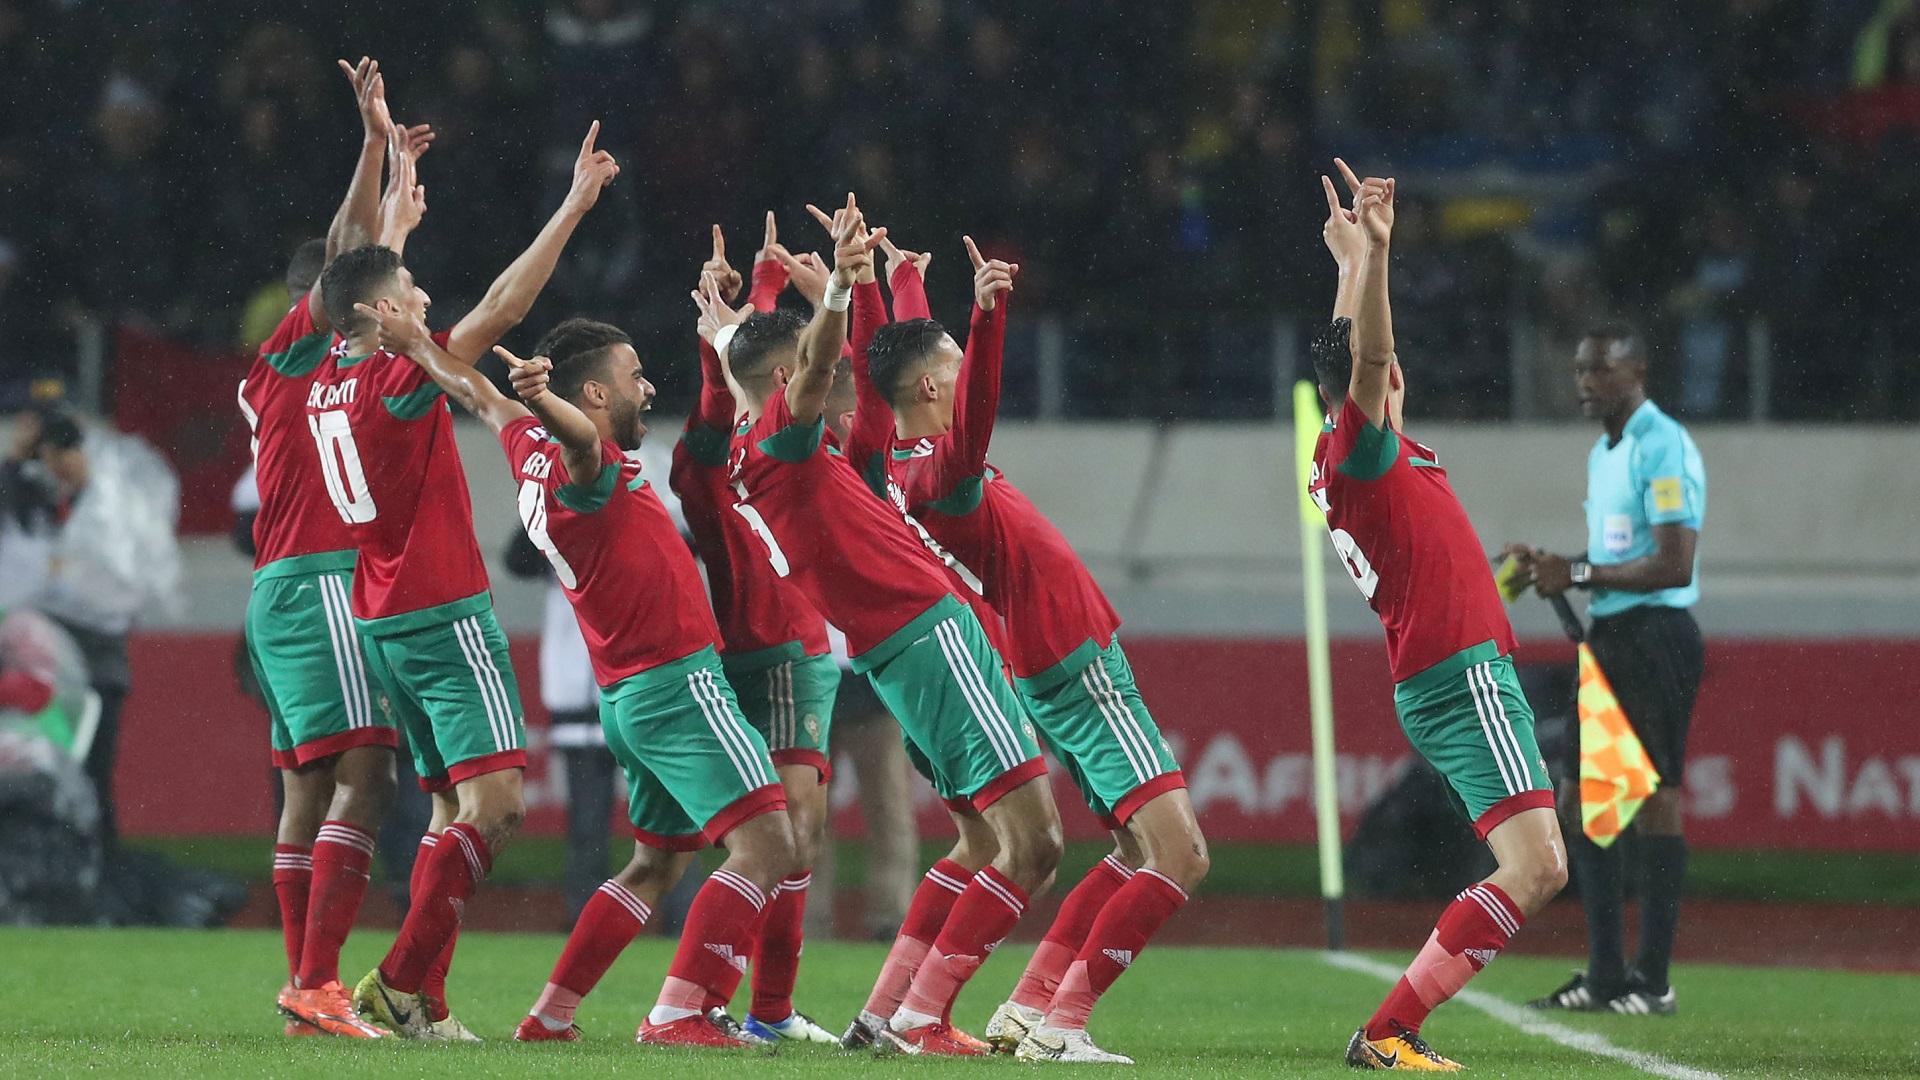 كأس العالم 2018 قائمة مصر ألمانيا والمنتخبات المشاركة في